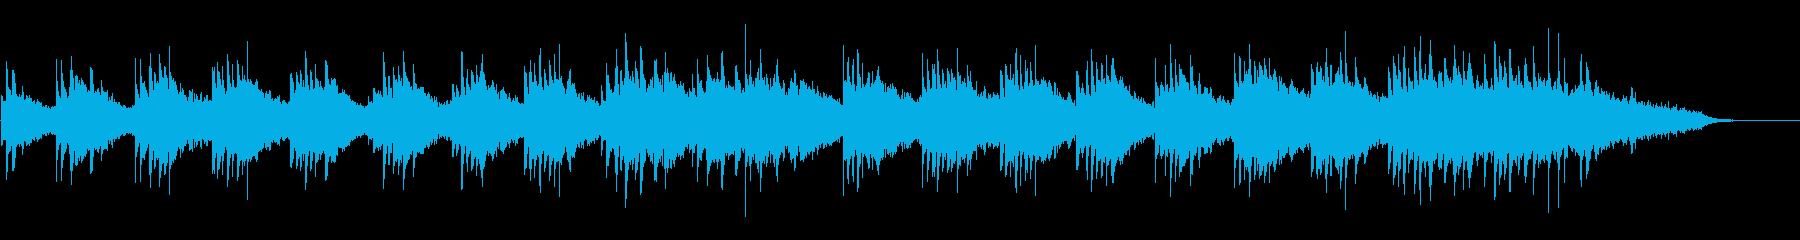 回想シーンの再生済みの波形